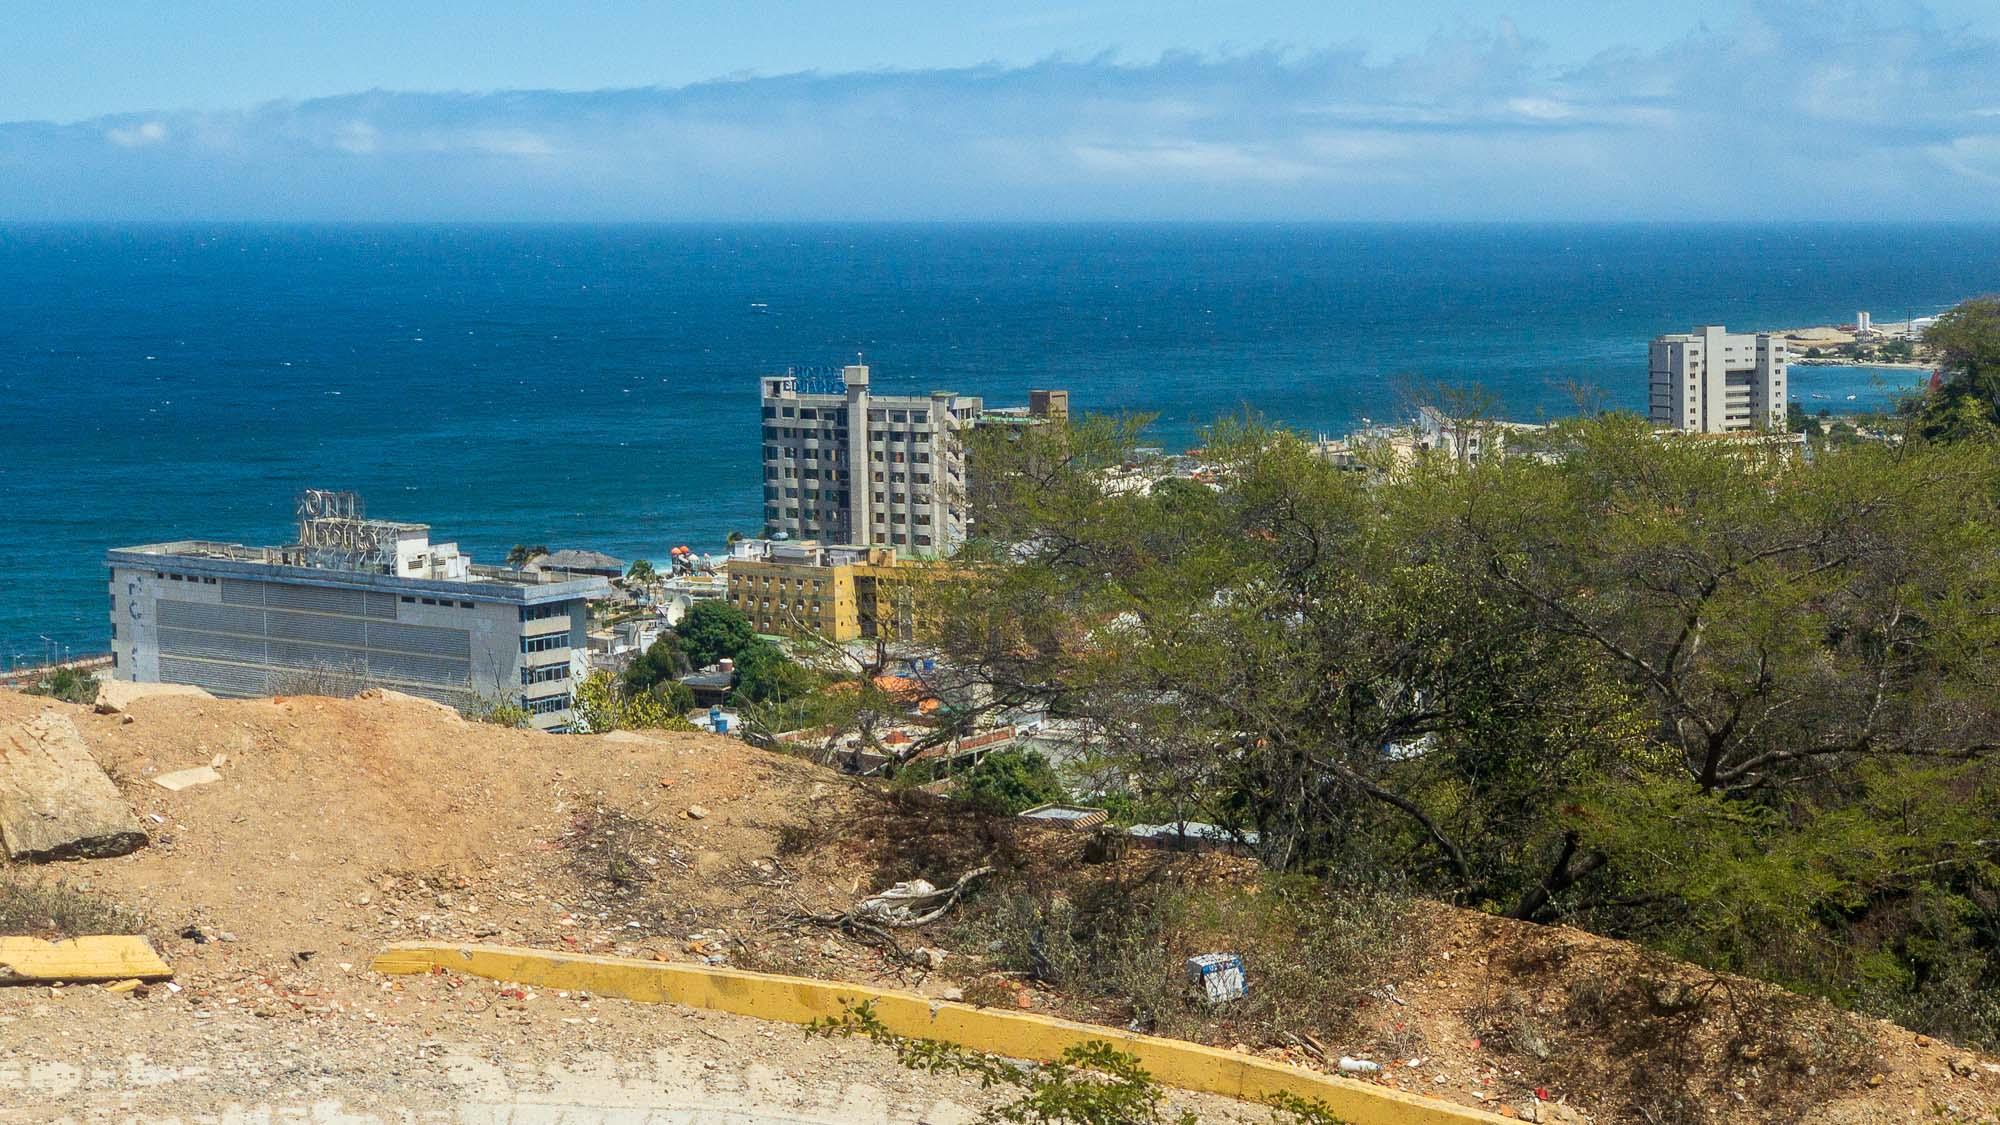 strand von Caracas